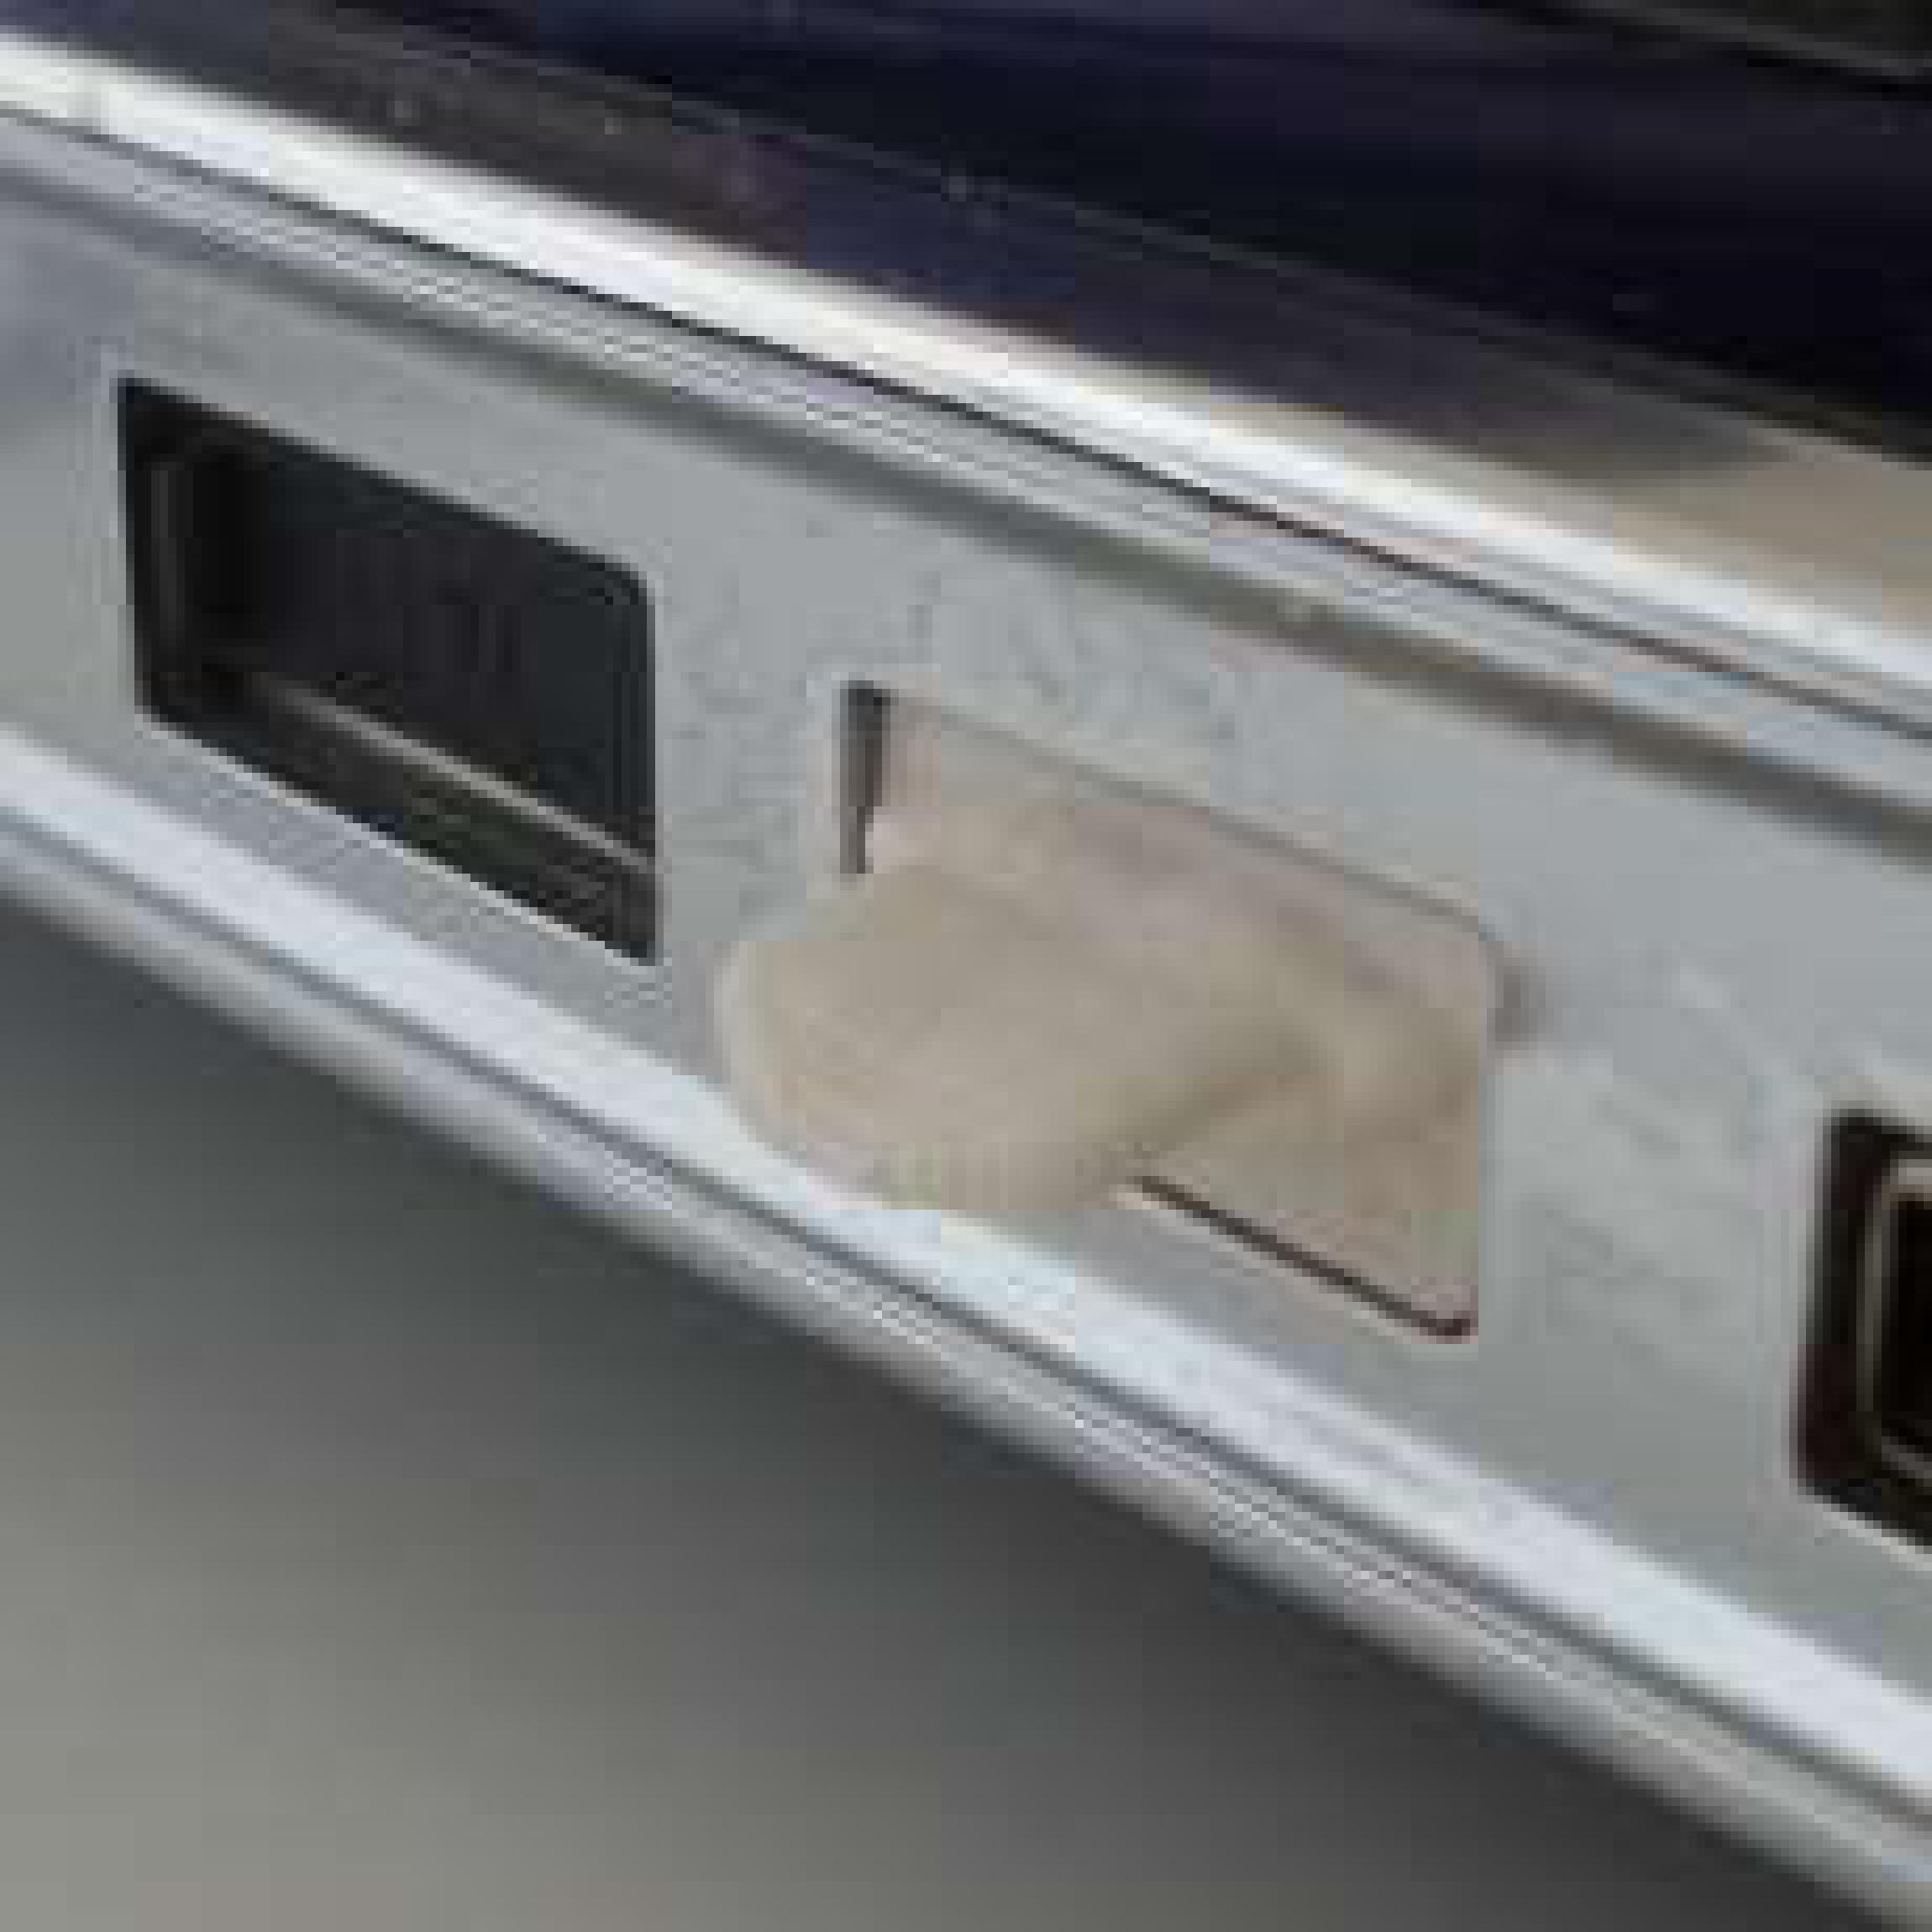 Bilgisayar Toz Koruyucu Kapak Vga Hdmi Jack Usb Rj45 Ethernet